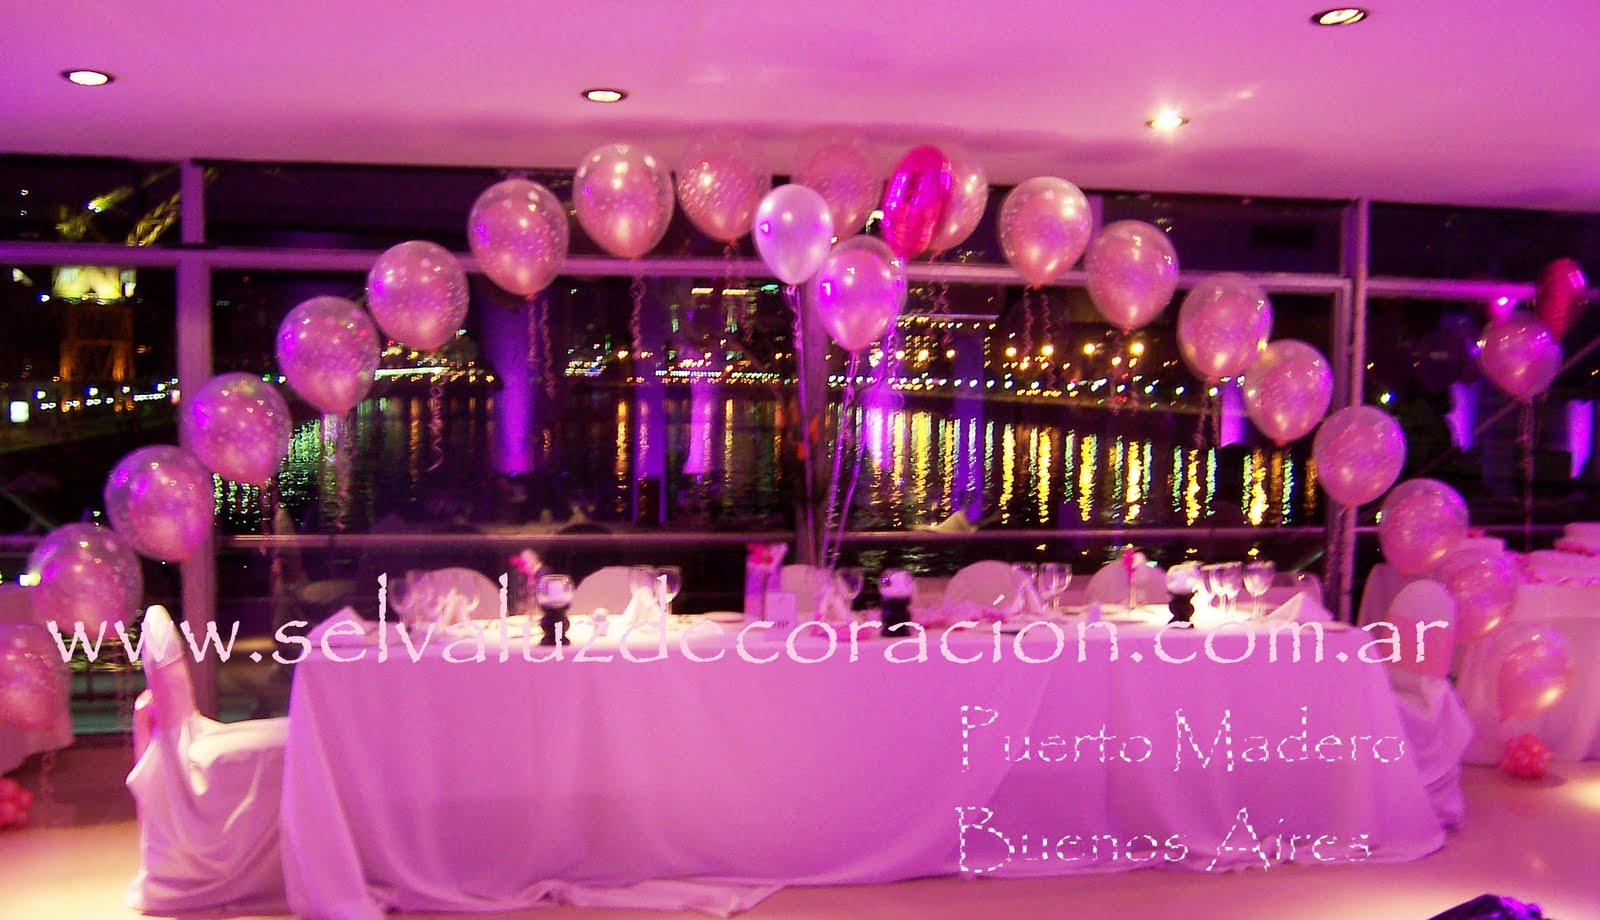 Decoraci n de sal n para 15 a os con globos imagui for Salones decorados para 15